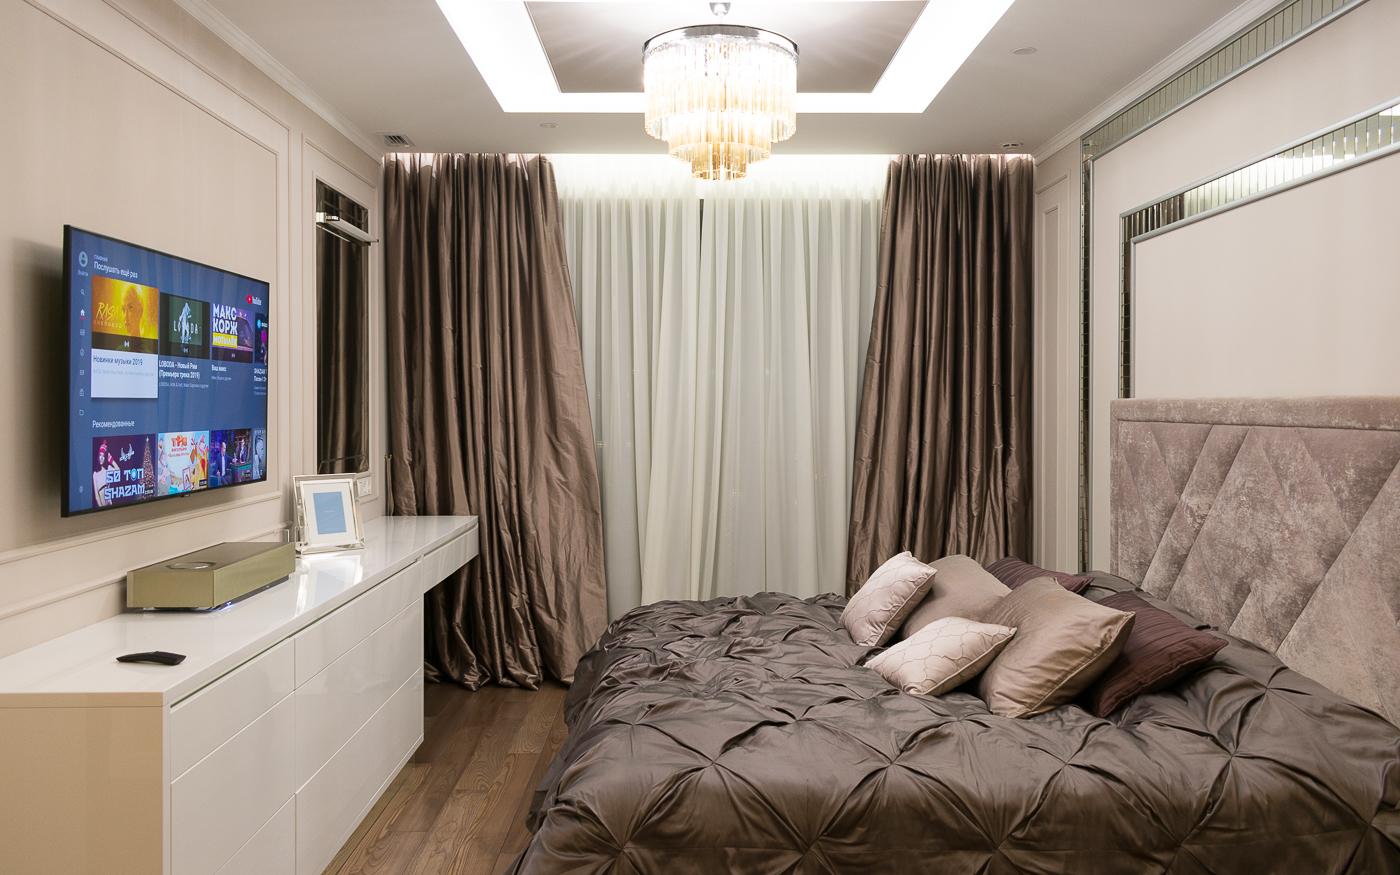 аудиосистема Naim в спальне